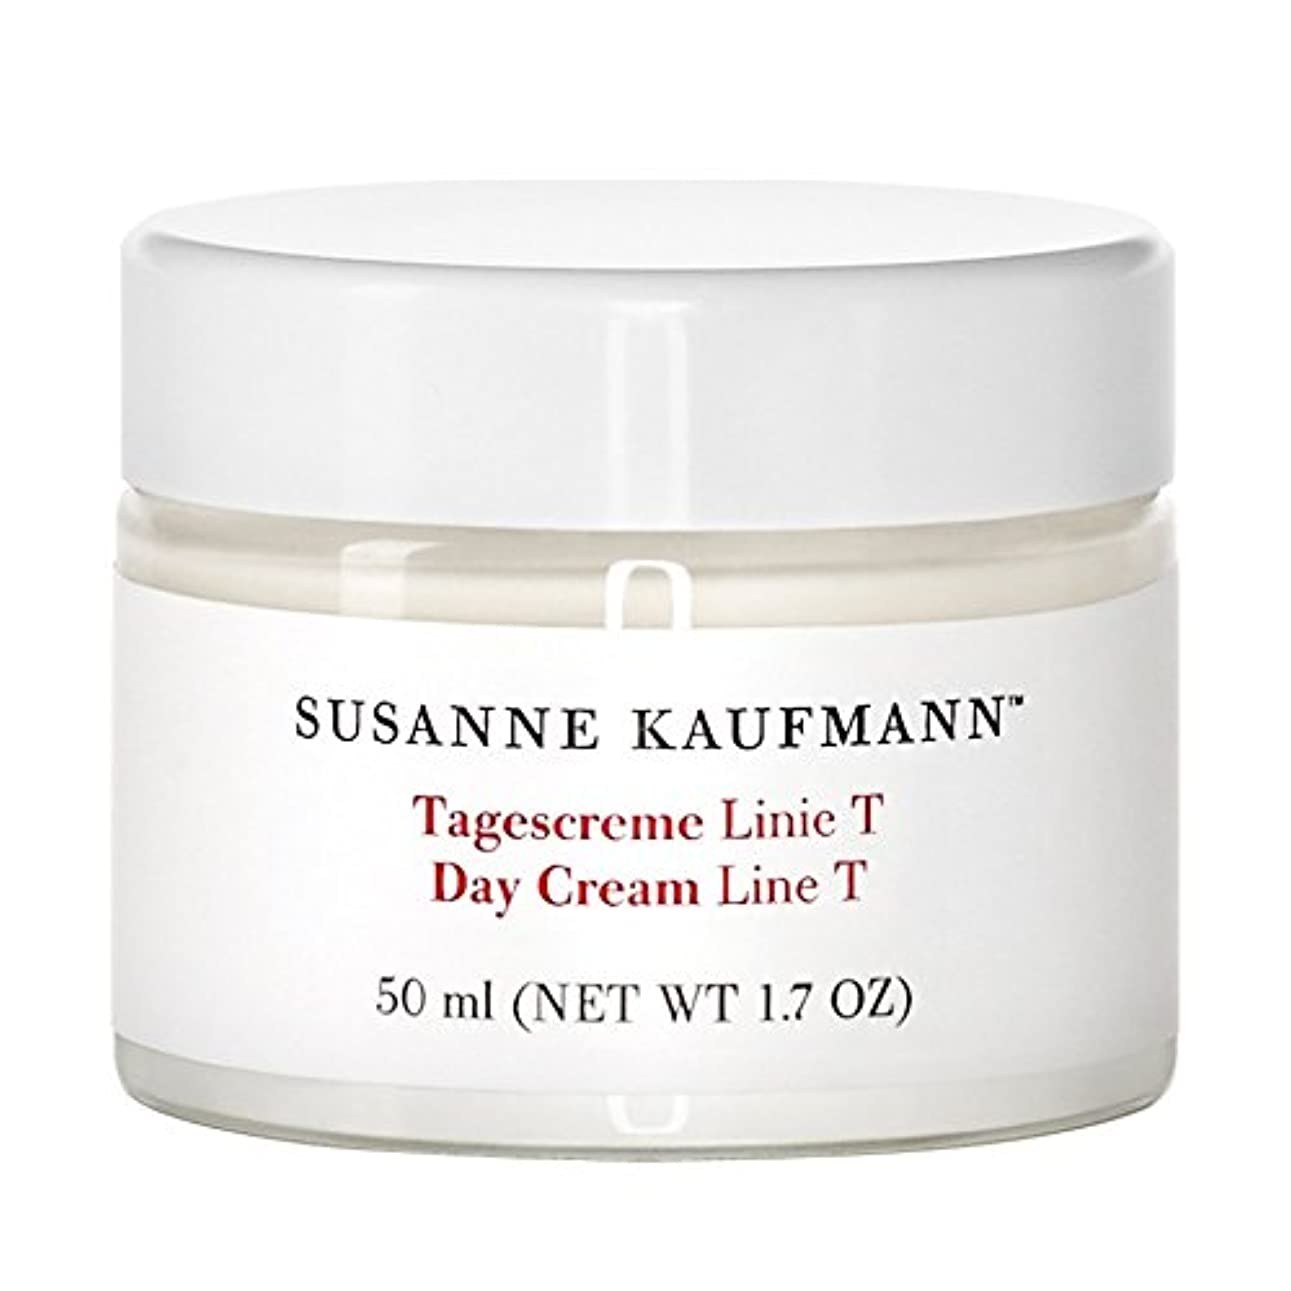 幼児印象的なの中でSusanne Kaufmann Day Cream Line T 50ml - スザンヌカウフマン日クリームライントンの50ミリリットル [並行輸入品]